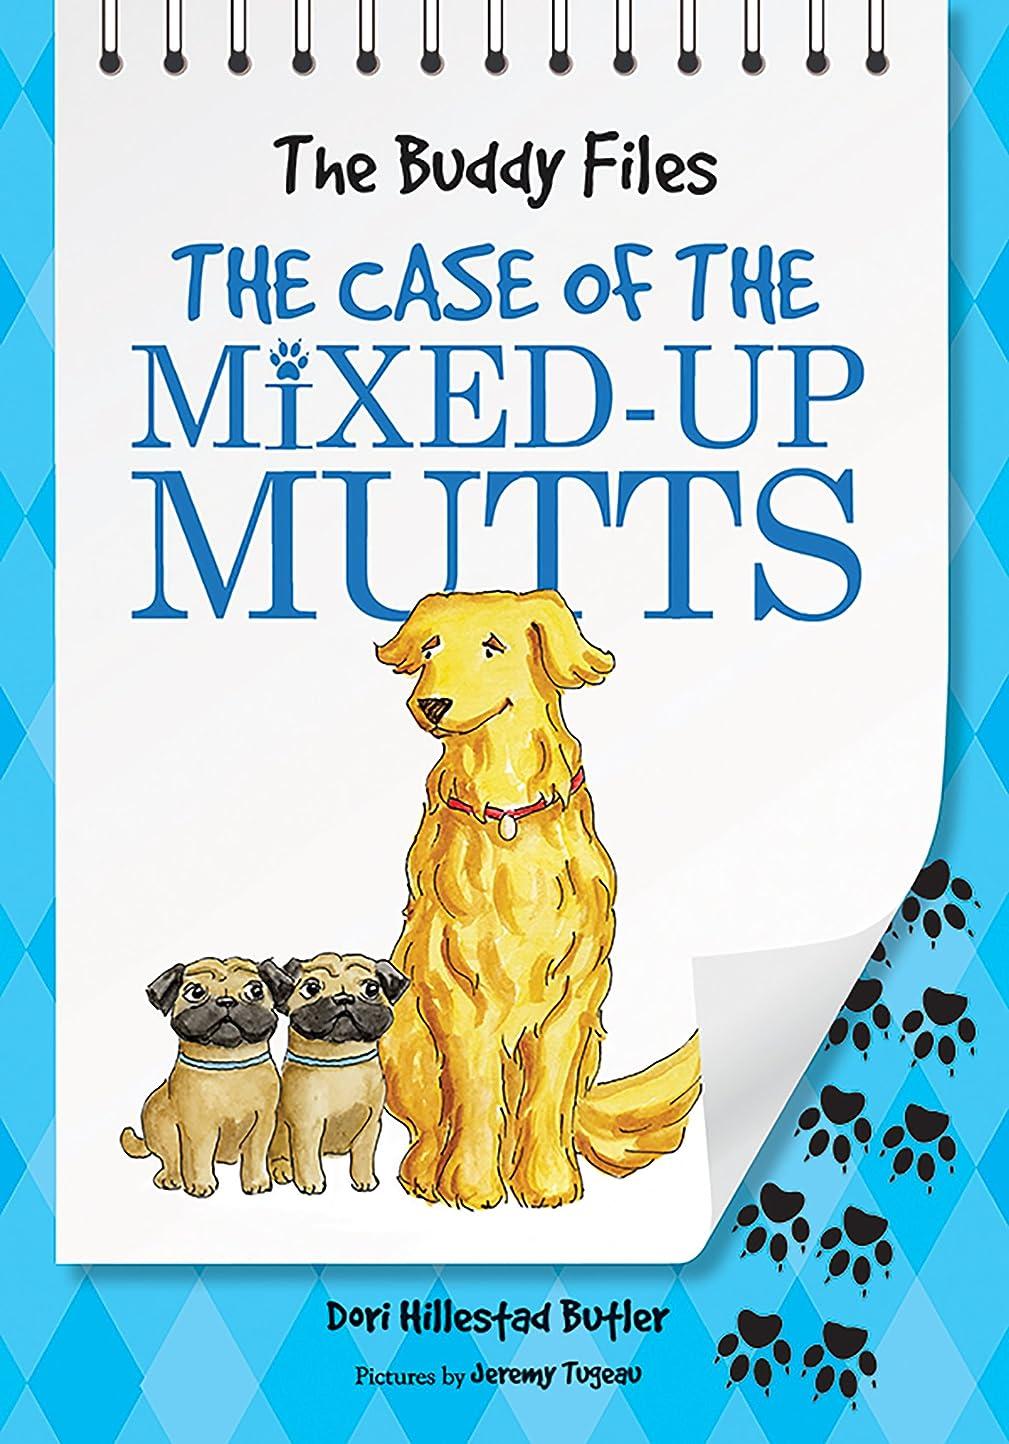 約不明瞭町The Case of Mixed-Up Mutts (The Buddy Files Book 2) (English Edition)